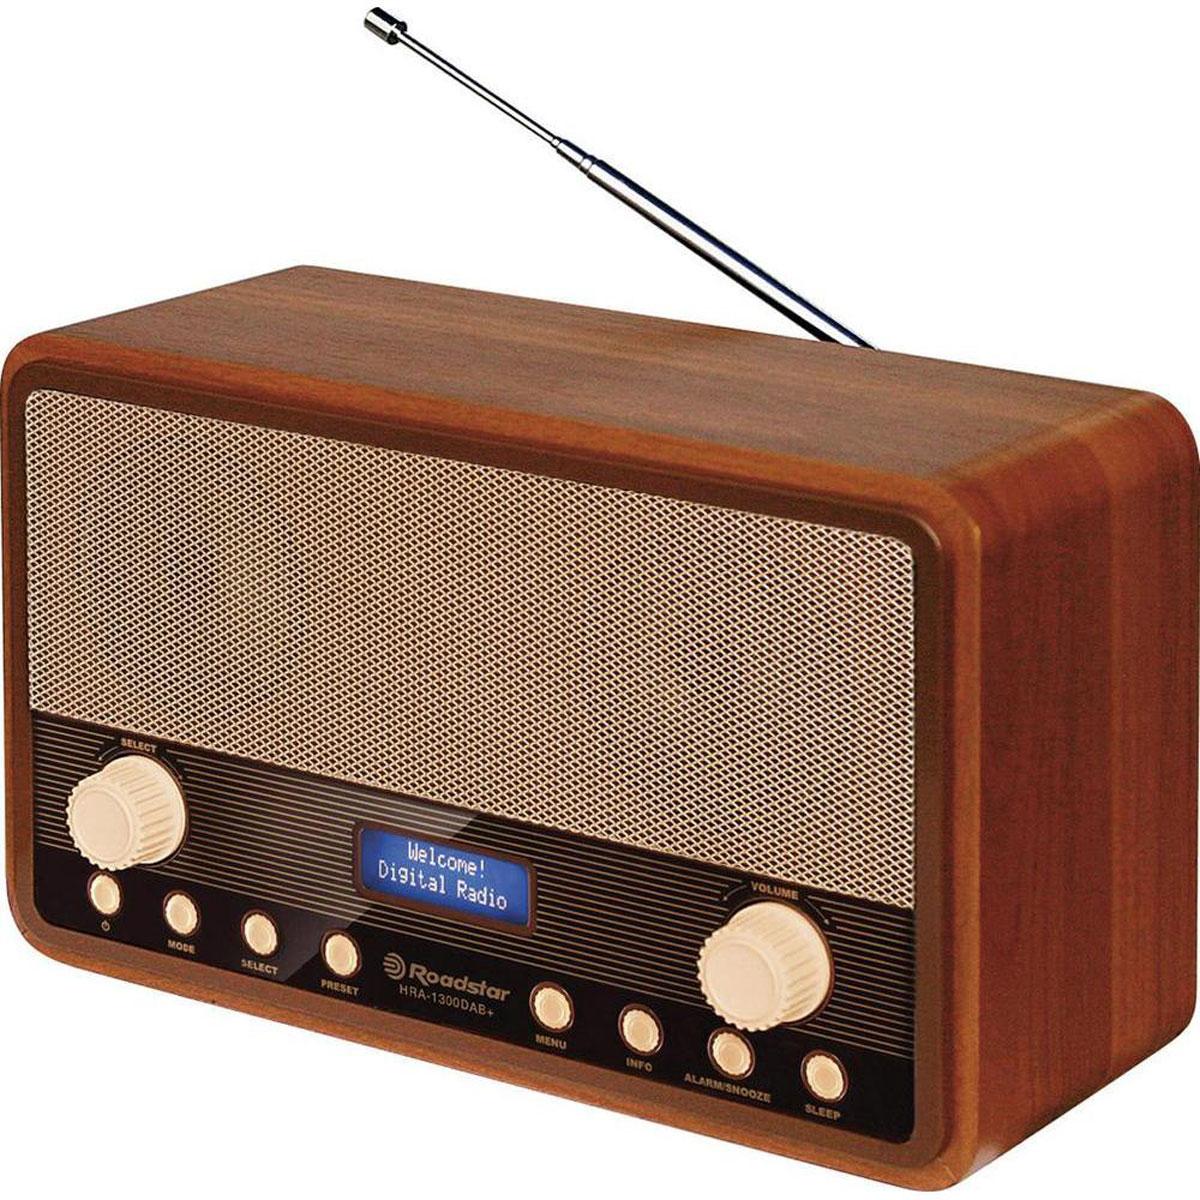 RoadStar HRA-1300DAB, Wood, ретро-радиоприемник